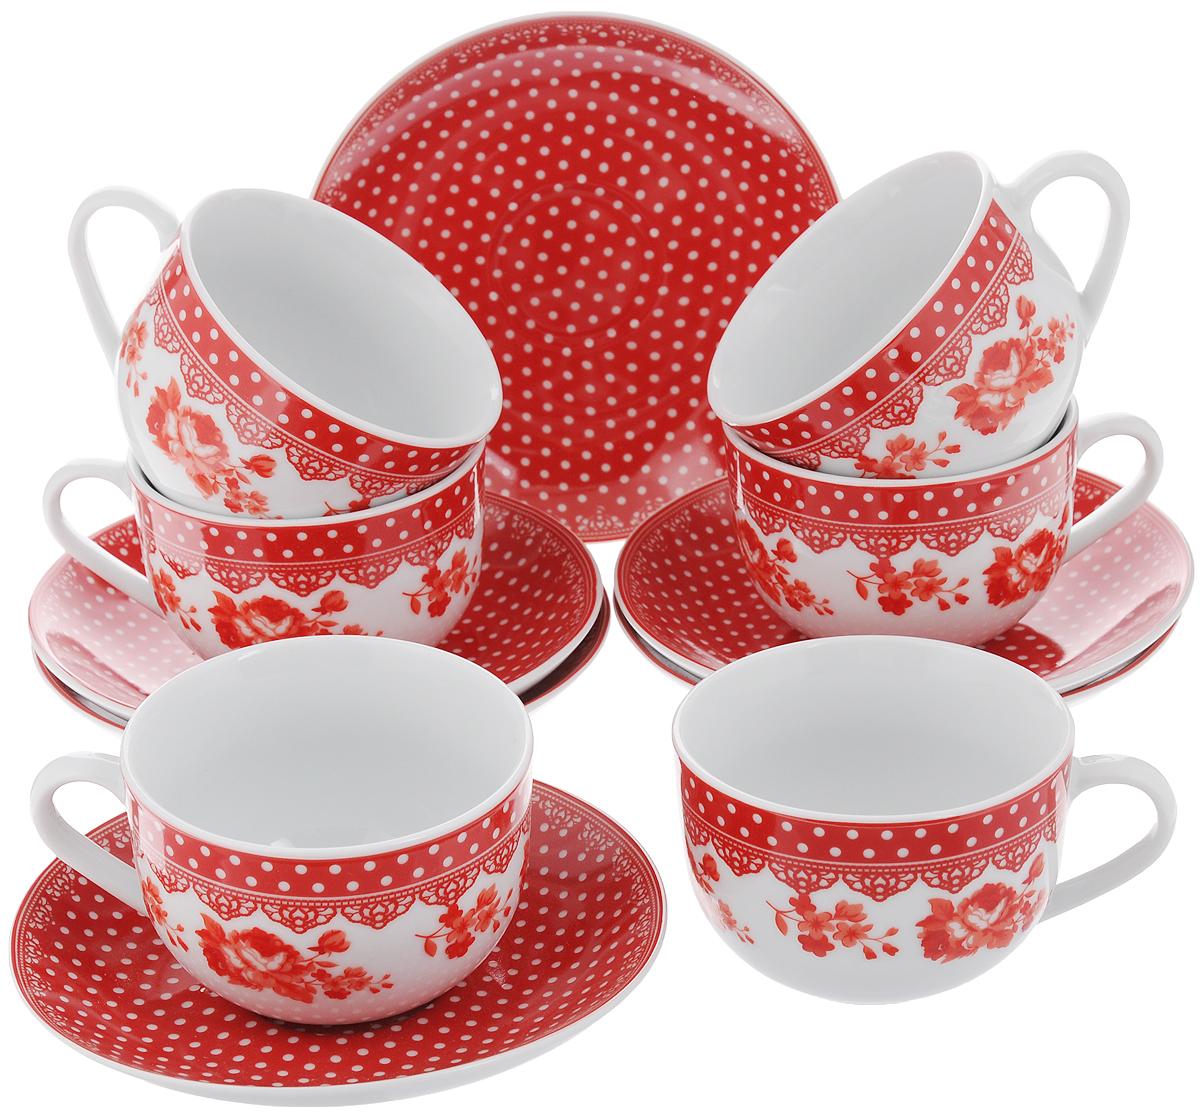 Набор чайный Loraine, цвет: белый, красный, 12 предметов. 2590725907Чайный набор Loraine состоит из 6 чашек и 6 блюдец.Изделия выполнены из высококачественного фарфора иоформлены ярким рисунком.Такой набор прекрасно дополнит сервировку стола к чаепитию, а также станетзамечательным подарком для ваших друзей и близких.Объем чашки: 220 мл.Диаметр чашки по верхнему краю: 9 см.Высота чашки: 6,2 см.Диаметр блюдца: 14,5 см. Высота блюдца: 2,3 см.